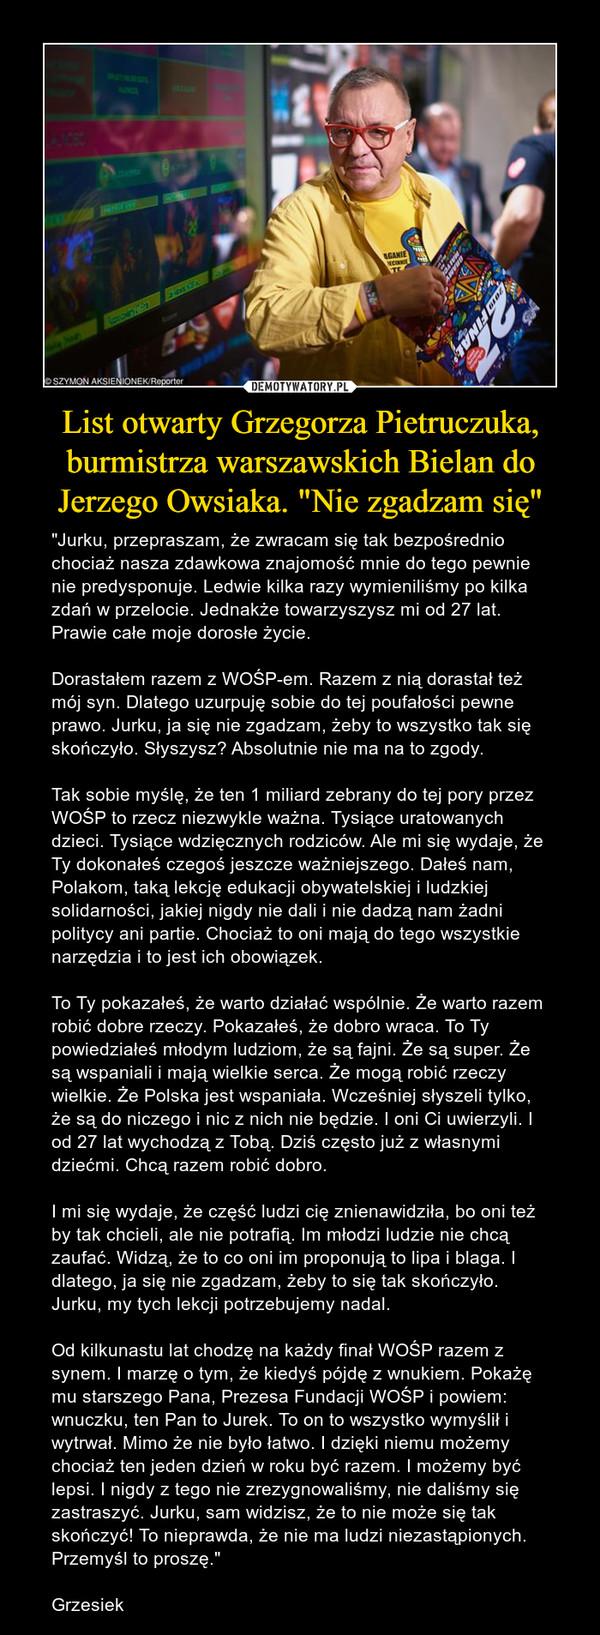 """List otwarty Grzegorza Pietruczuka, burmistrza warszawskich Bielan do Jerzego Owsiaka. """"Nie zgadzam się"""" – """"Jurku, przepraszam, że zwracam się tak bezpośrednio chociaż nasza zdawkowa znajomość mnie do tego pewnie nie predysponuje. Ledwie kilka razy wymieniliśmy po kilka zdań w przelocie. Jednakże towarzyszysz mi od 27 lat. Prawie całe moje dorosłe życie.Dorastałem razem z WOŚP-em. Razem z nią dorastał też mój syn. Dlatego uzurpuję sobie do tej poufałości pewne prawo. Jurku, ja się nie zgadzam, żeby to wszystko tak się skończyło. Słyszysz? Absolutnie nie ma na to zgody.Tak sobie myślę, że ten 1 miliard zebrany do tej pory przez WOŚP to rzecz niezwykle ważna. Tysiące uratowanych dzieci. Tysiące wdzięcznych rodziców. Ale mi się wydaje, że Ty dokonałeś czegoś jeszcze ważniejszego. Dałeś nam, Polakom, taką lekcję edukacji obywatelskiej i ludzkiej solidarności, jakiej nigdy nie dali i nie dadzą nam żadni politycy ani partie. Chociaż to oni mają do tego wszystkie narzędzia i to jest ich obowiązek.To Ty pokazałeś, że warto działać wspólnie. Że warto razem robić dobre rzeczy. Pokazałeś, że dobro wraca. To Ty powiedziałeś młodym ludziom, że są fajni. Że są super. Że są wspaniali i mają wielkie serca. Że mogą robić rzeczy wielkie. Że Polska jest wspaniała. Wcześniej słyszeli tylko, że są do niczego i nic z nich nie będzie. I oni Ci uwierzyli. I od 27 lat wychodzą z Tobą. Dziś często już z własnymi dziećmi. Chcą razem robić dobro.I mi się wydaje, że część ludzi cię znienawidziła, bo oni też by tak chcieli, ale nie potrafią. Im młodzi ludzie nie chcą zaufać. Widzą, że to co oni im proponują to lipa i blaga. I dlatego, ja się nie zgadzam, żeby to się tak skończyło. Jurku, my tych lekcji potrzebujemy nadal.Od kilkunastu lat chodzę na każdy finał WOŚP razem z synem. I marzę o tym, że kiedyś pójdę z wnukiem. Pokażę mu starszego Pana, Prezesa Fundacji WOŚP i powiem: wnuczku, ten Pan to Jurek. To on to wszystko wymyślił i wytrwał. Mimo że nie było łatwo. I dzięki niemu możemy chociaż """